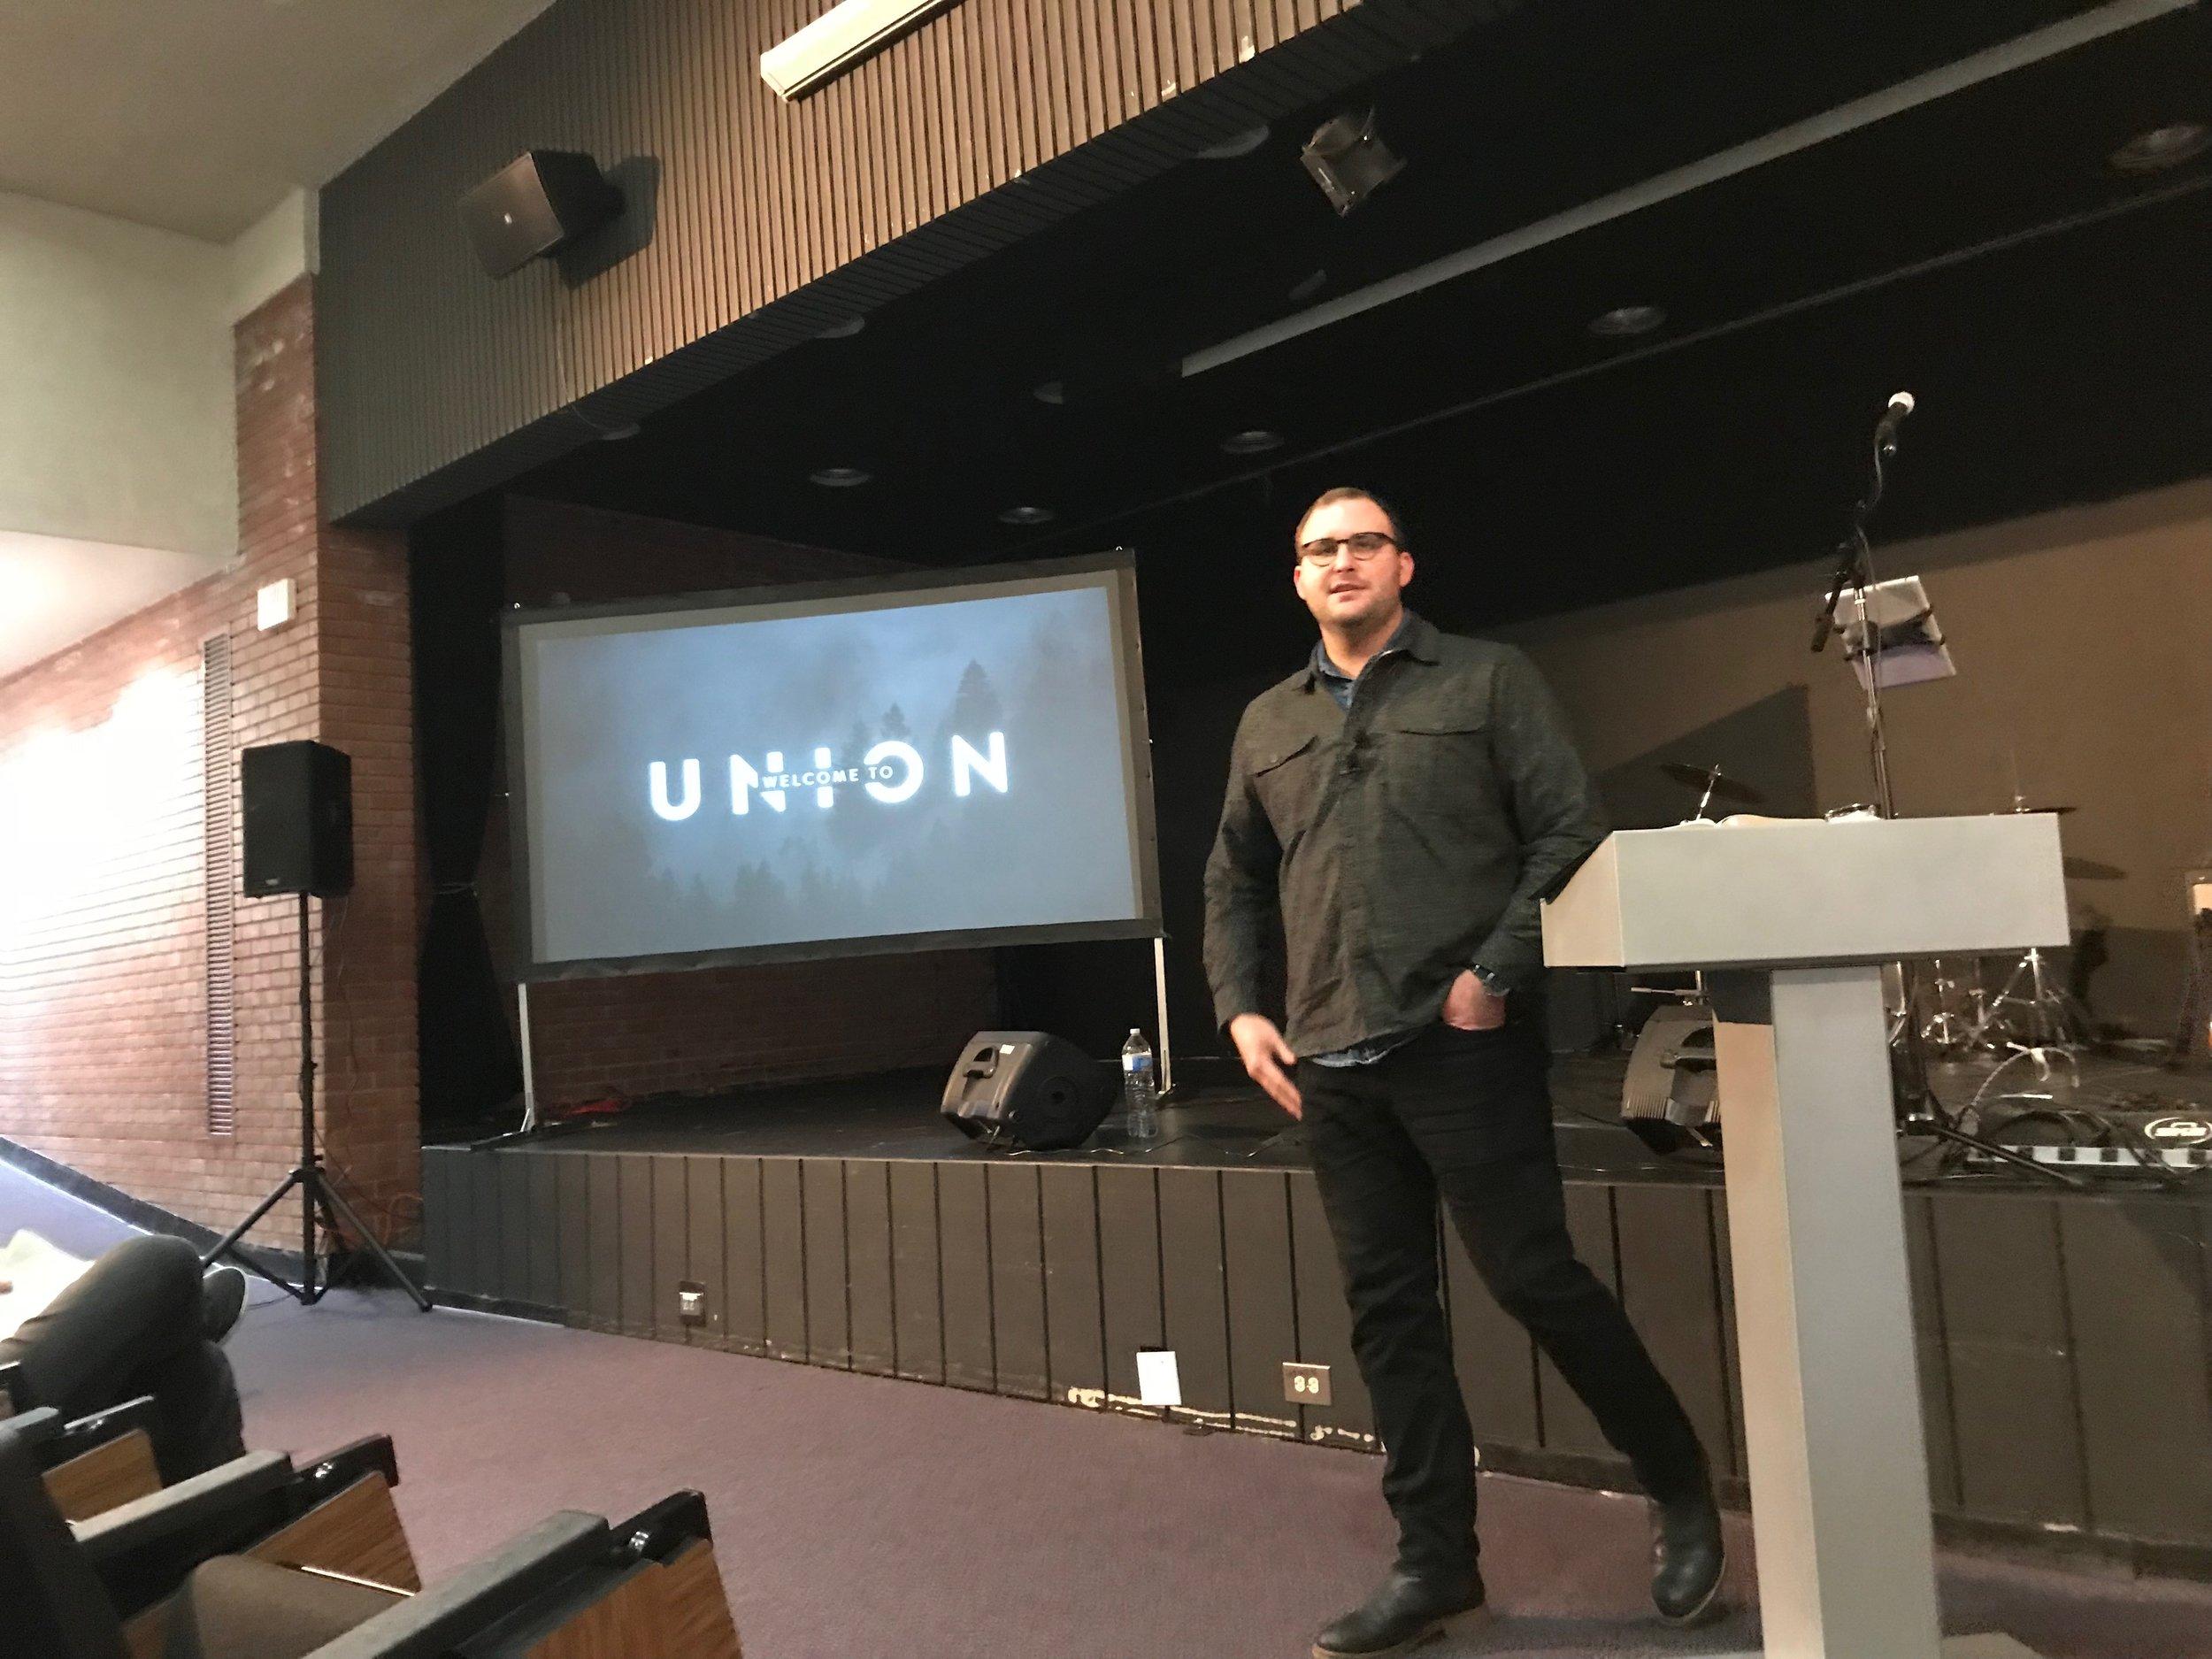 aaron preaching.JPG